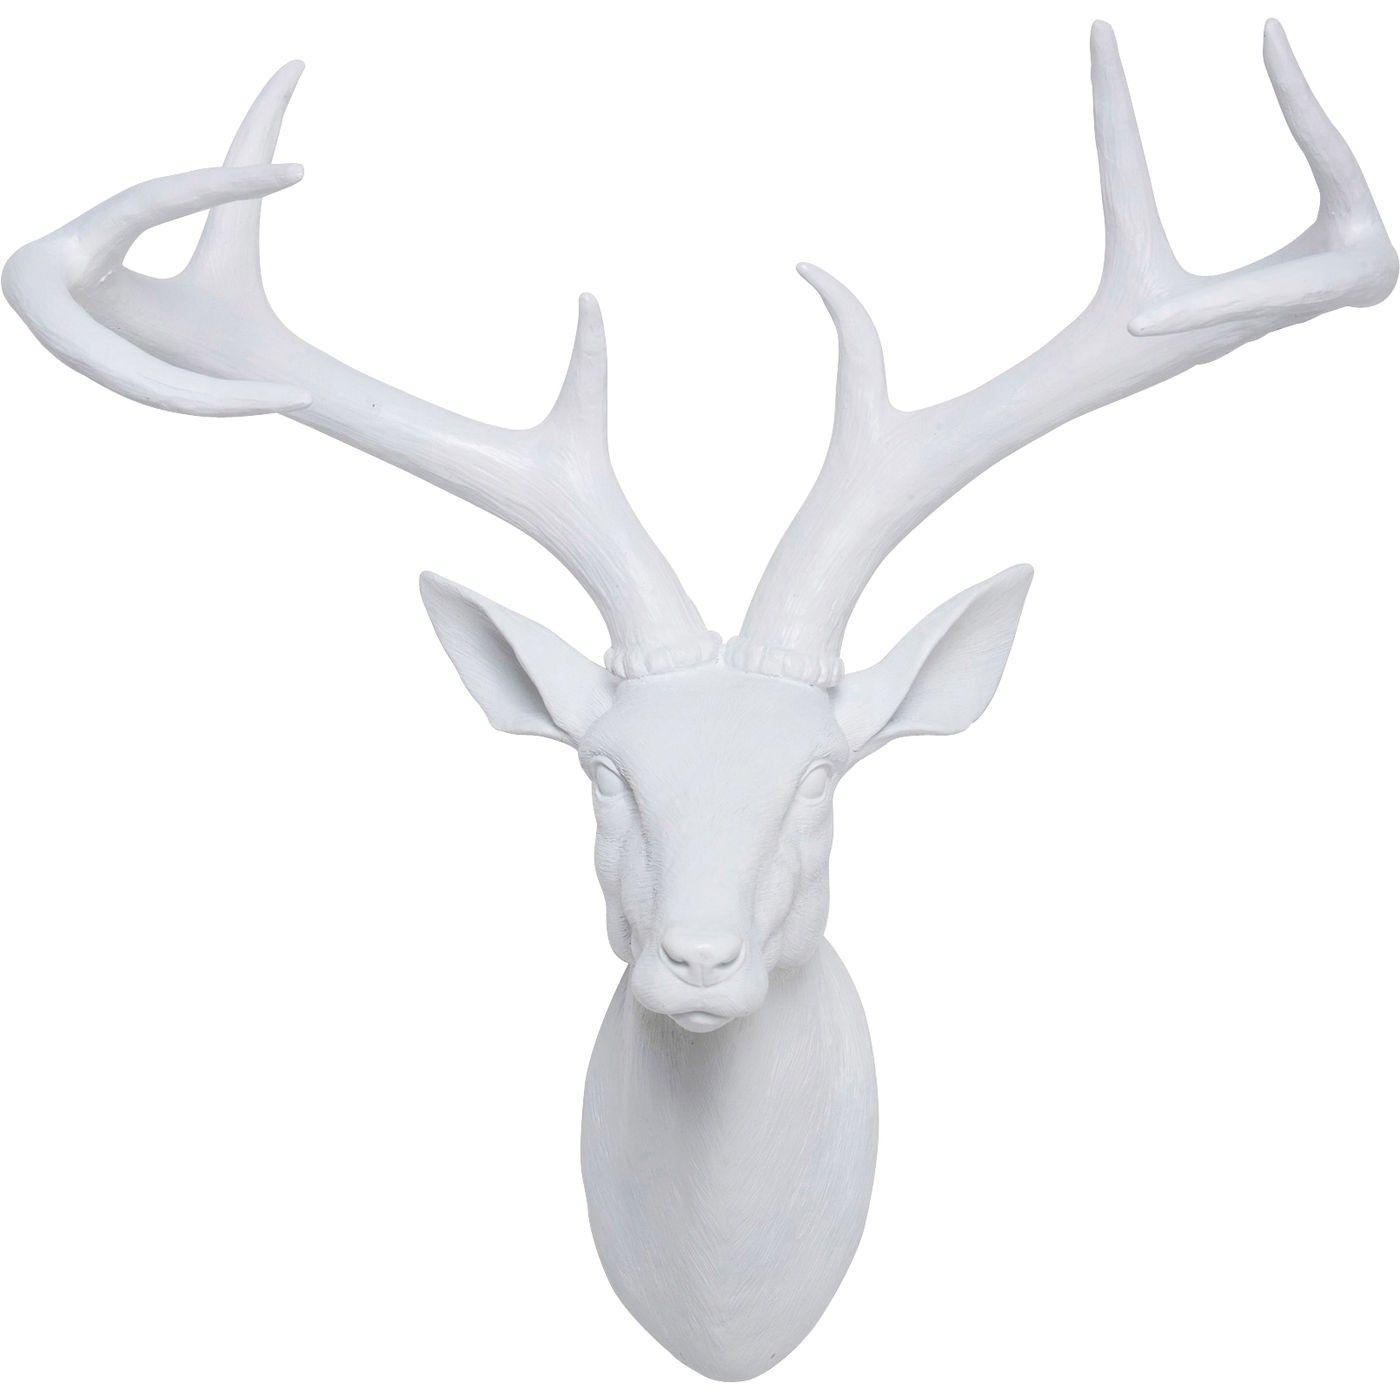 deko kopf deer weiss kare design tierkopfe reh geweih wanddekoration weiß ideen wohnzimmer